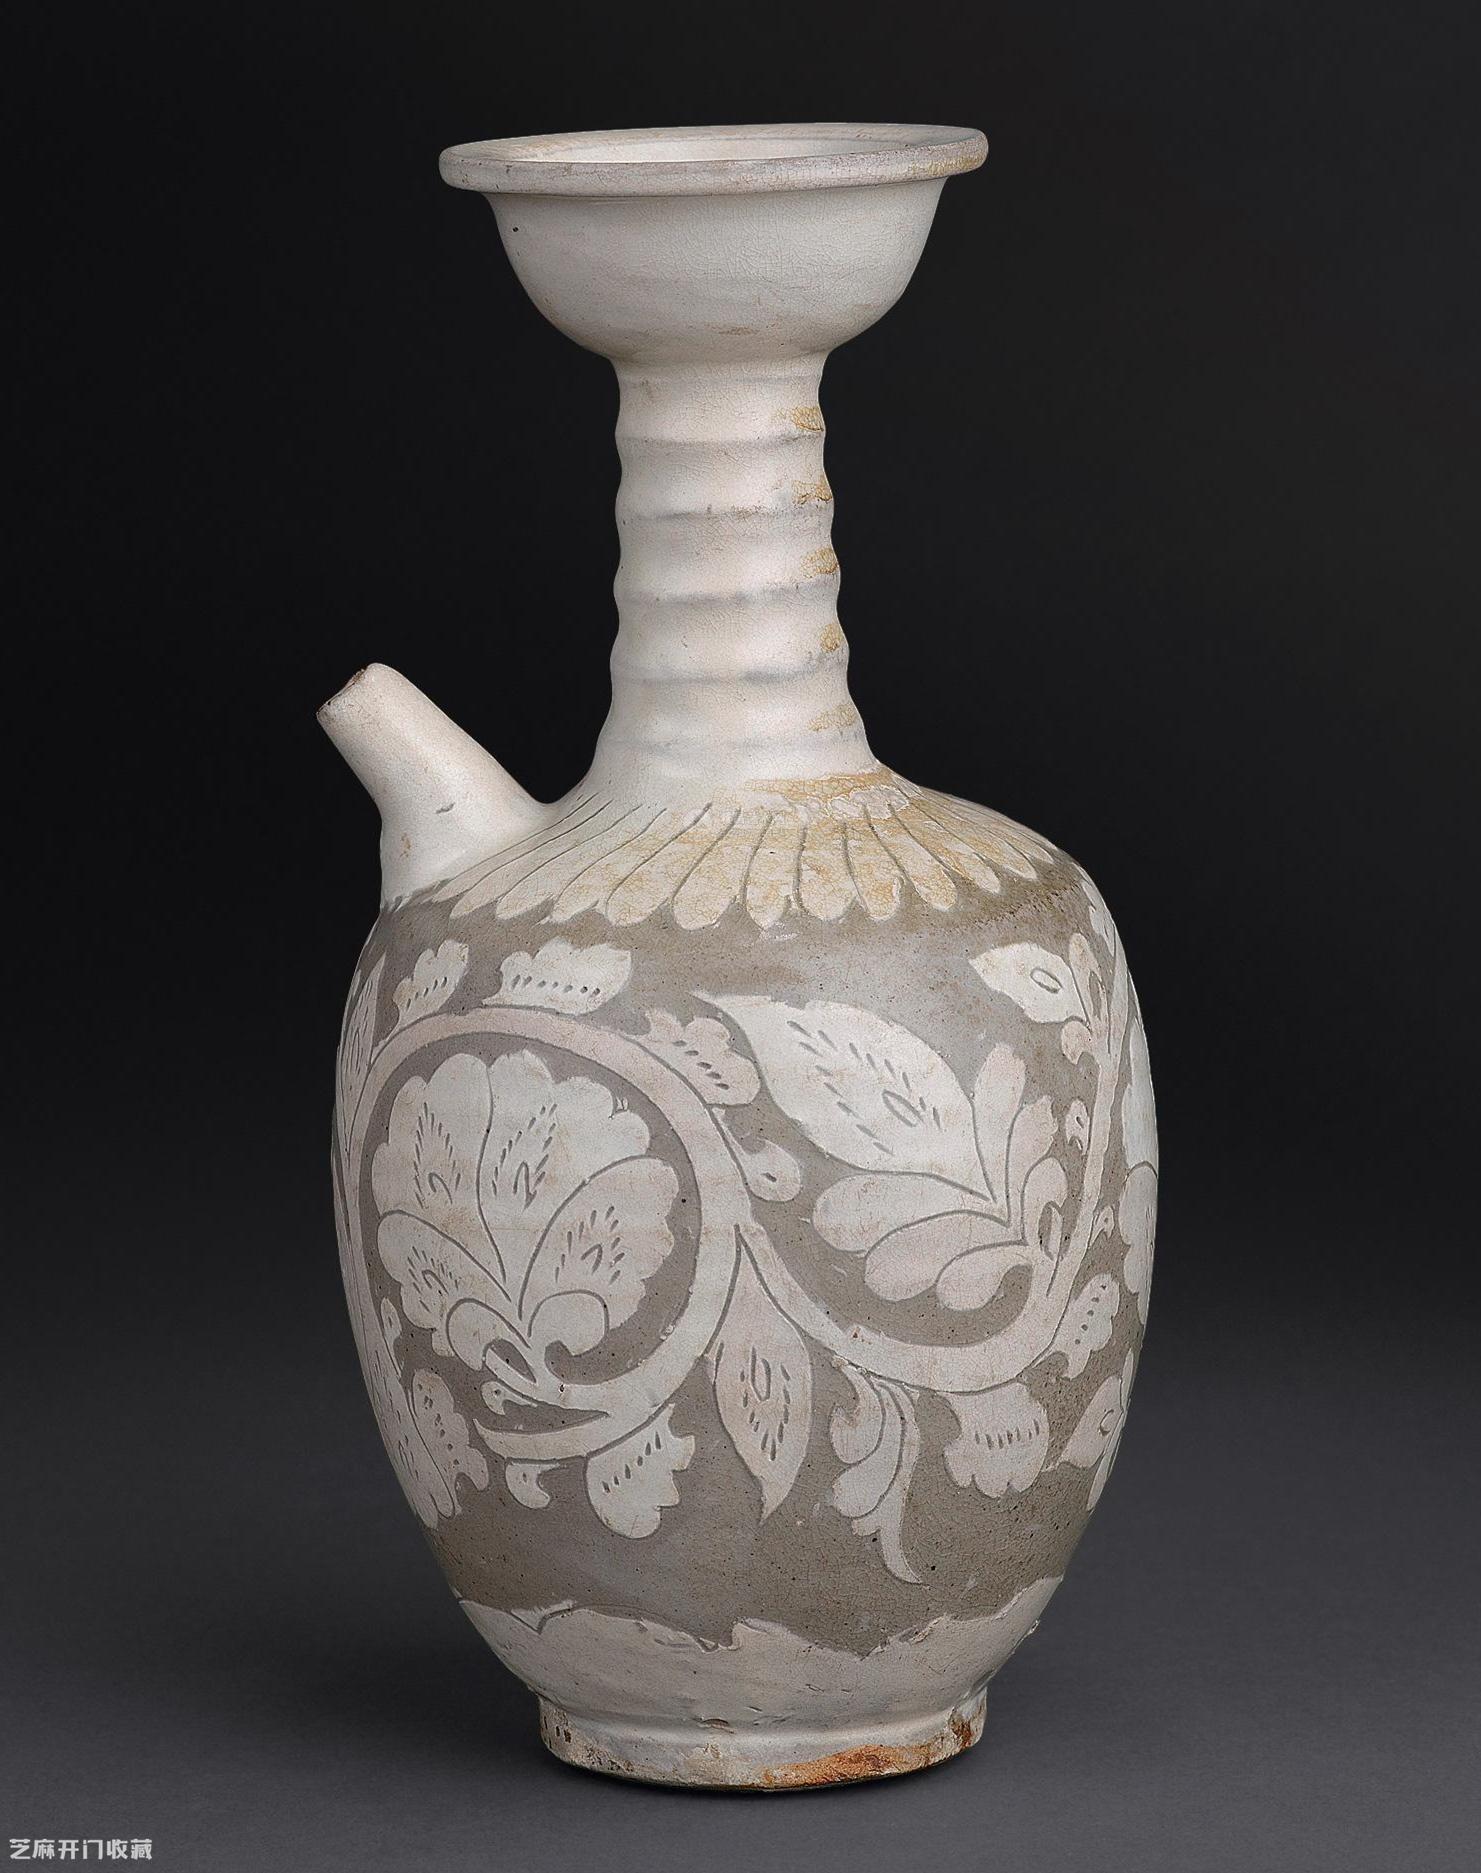 古代哪个王朝的瓷器最好